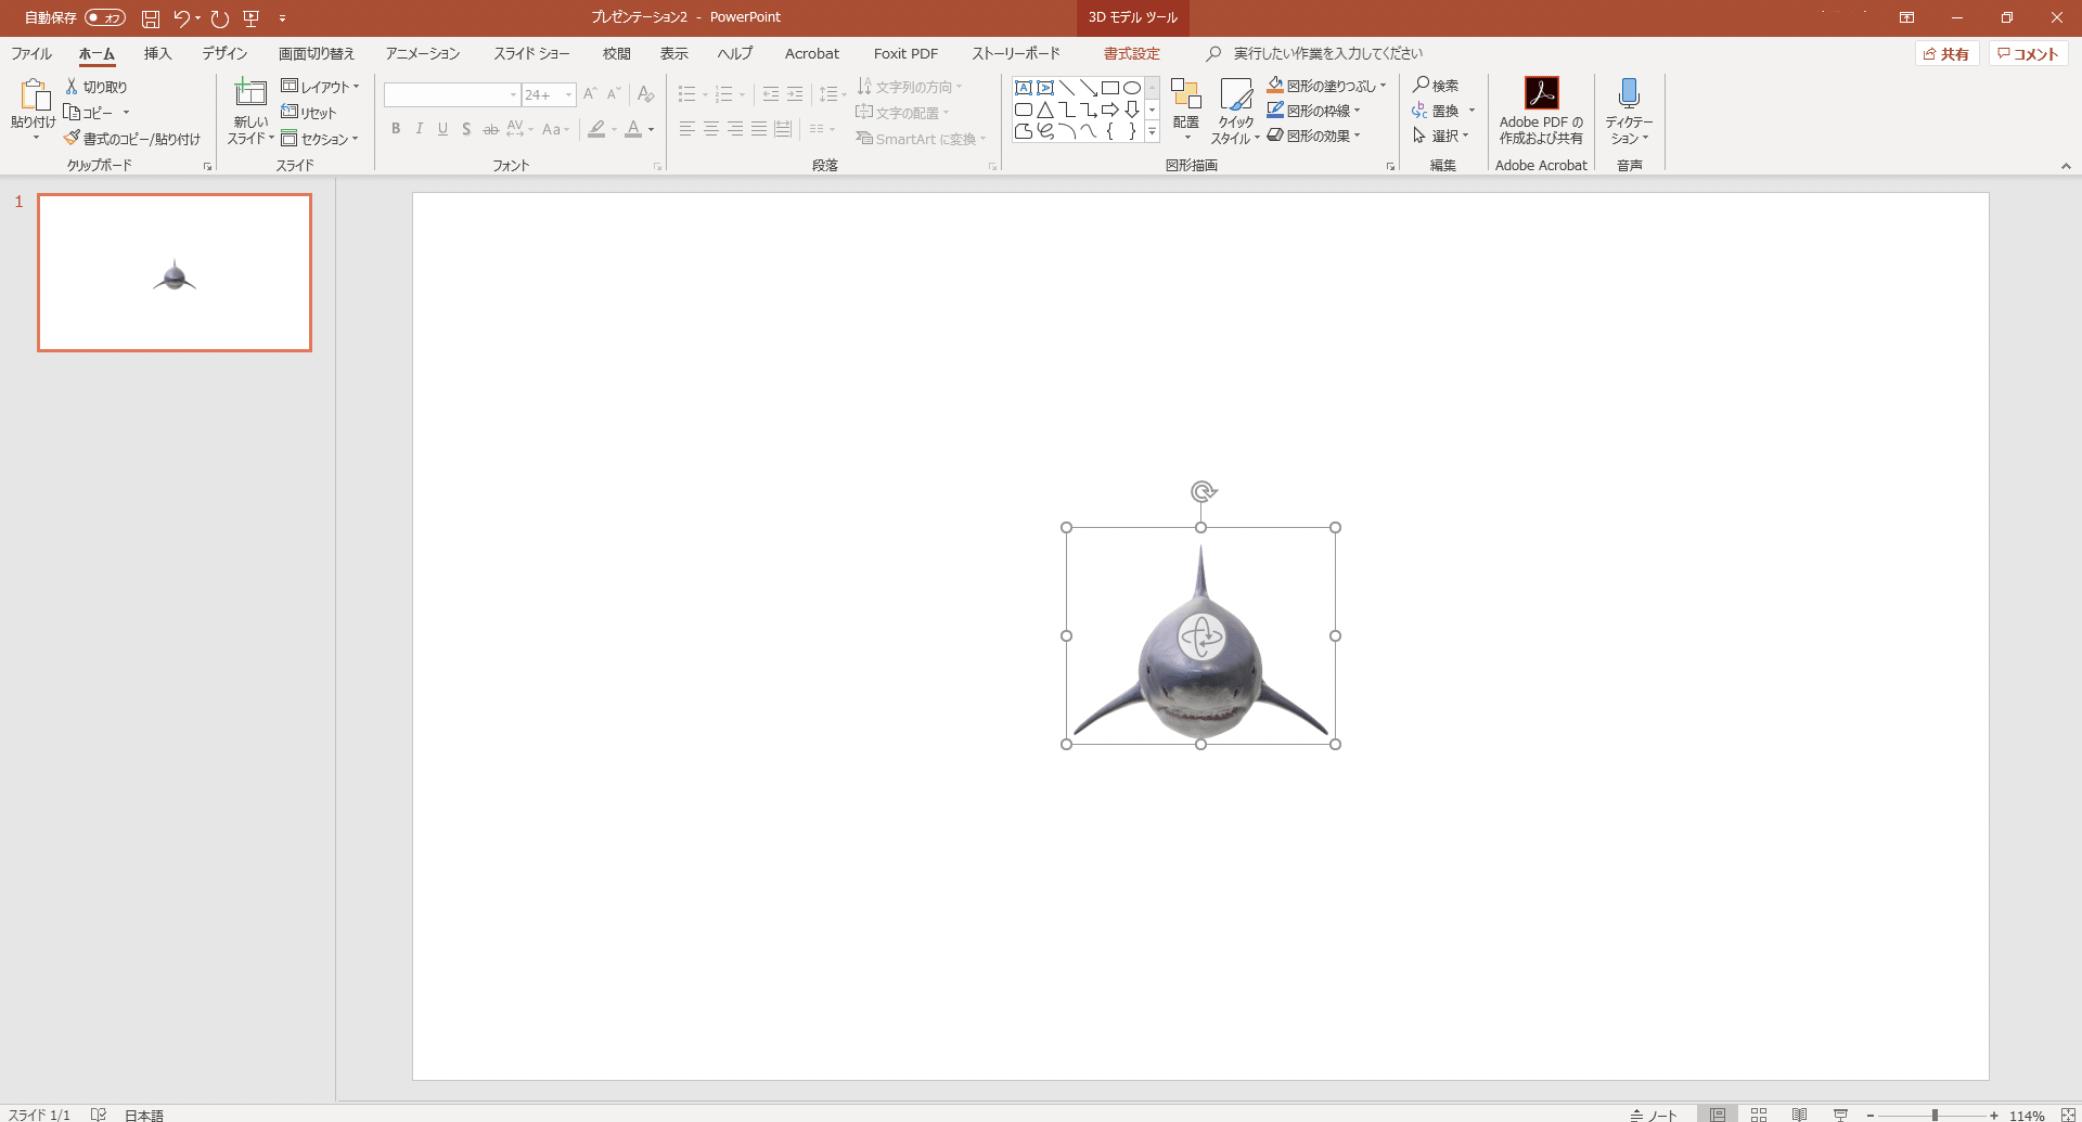 スライド中央にサメの3Dモデルが表示された